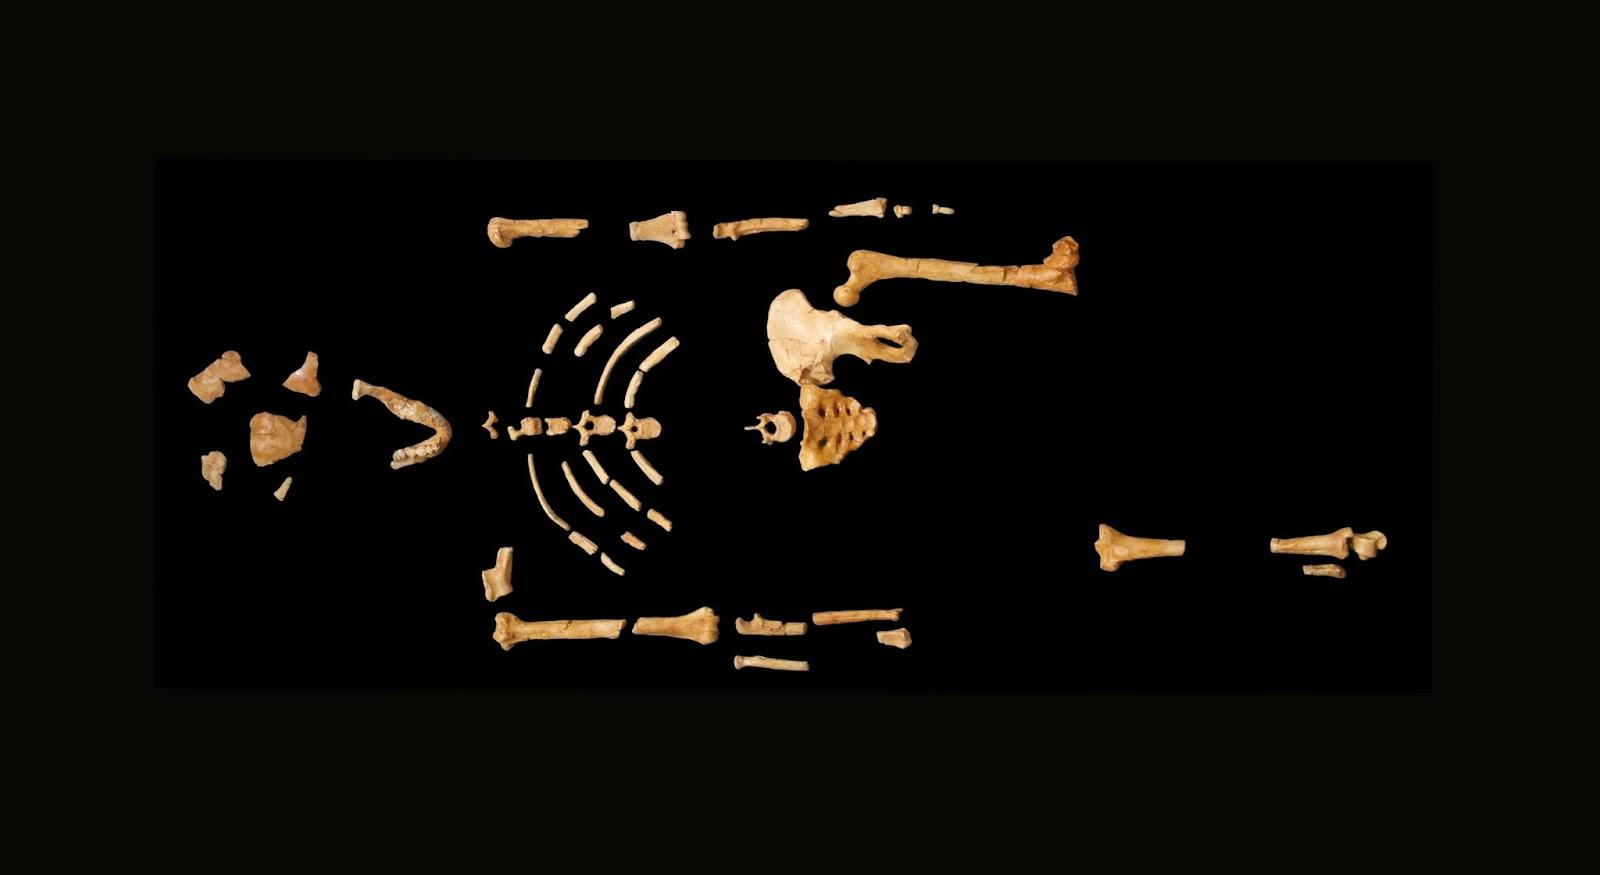 Osteotecnia promueve el aprendizaje de la teoria evolutiva ...